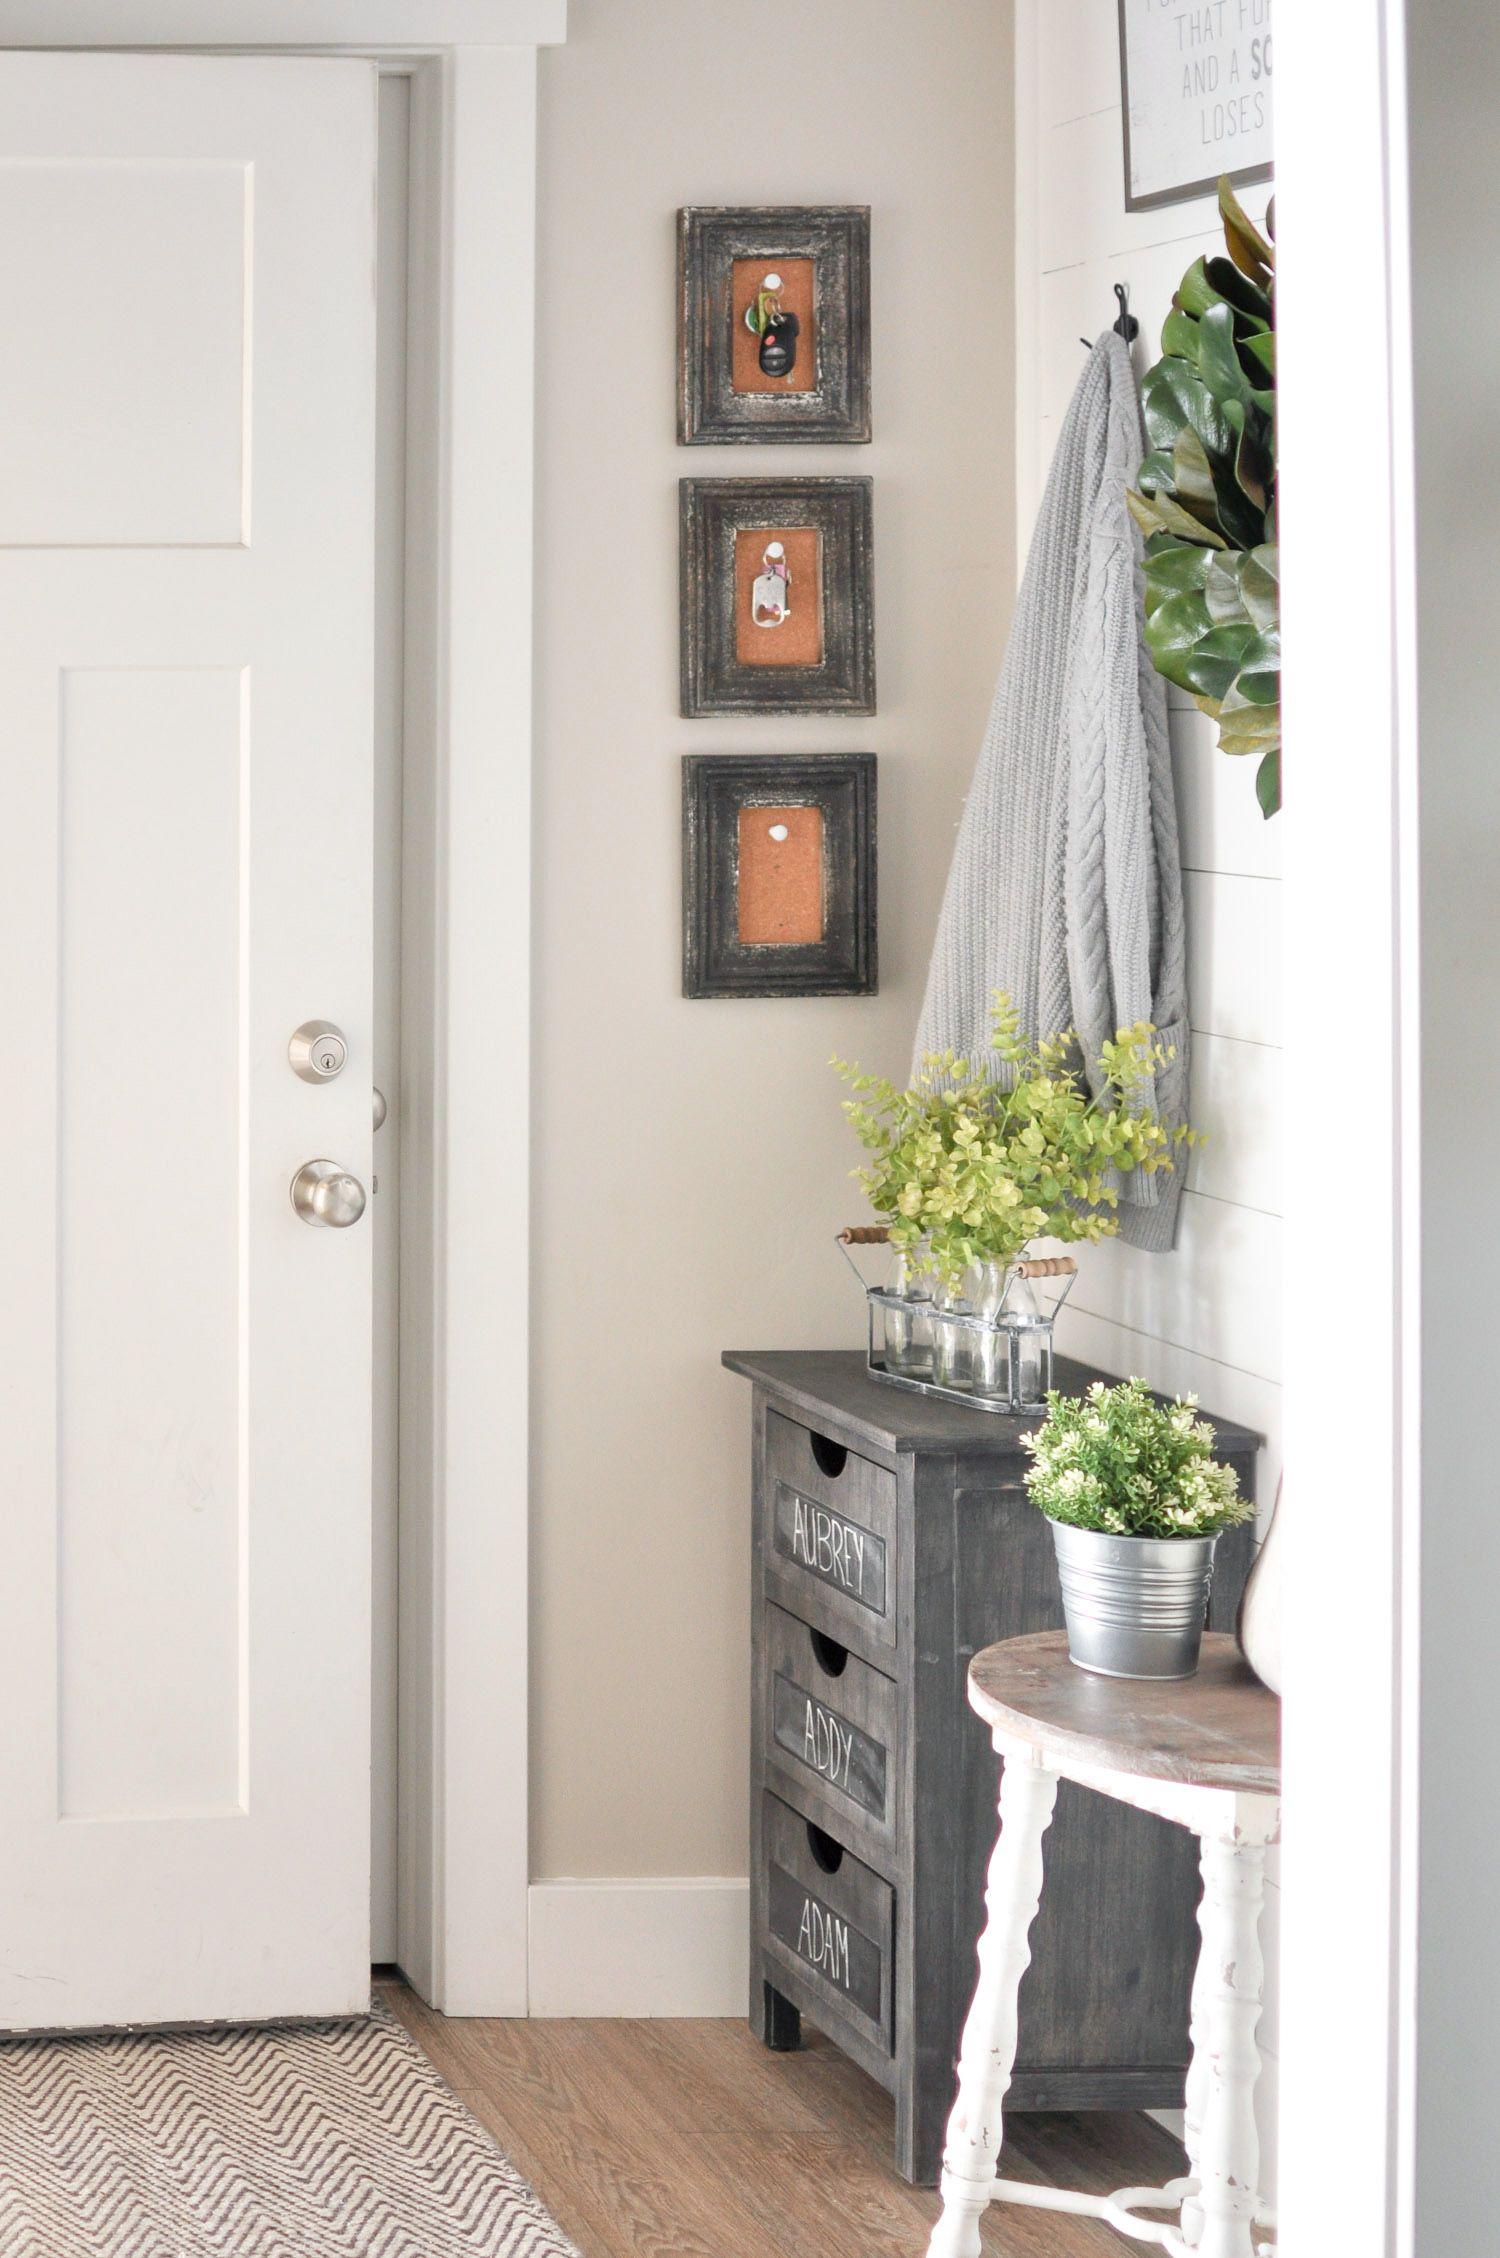 Hallway key storage   Reallife Mudroom and Entryway Decorating Ideas  Mudroom